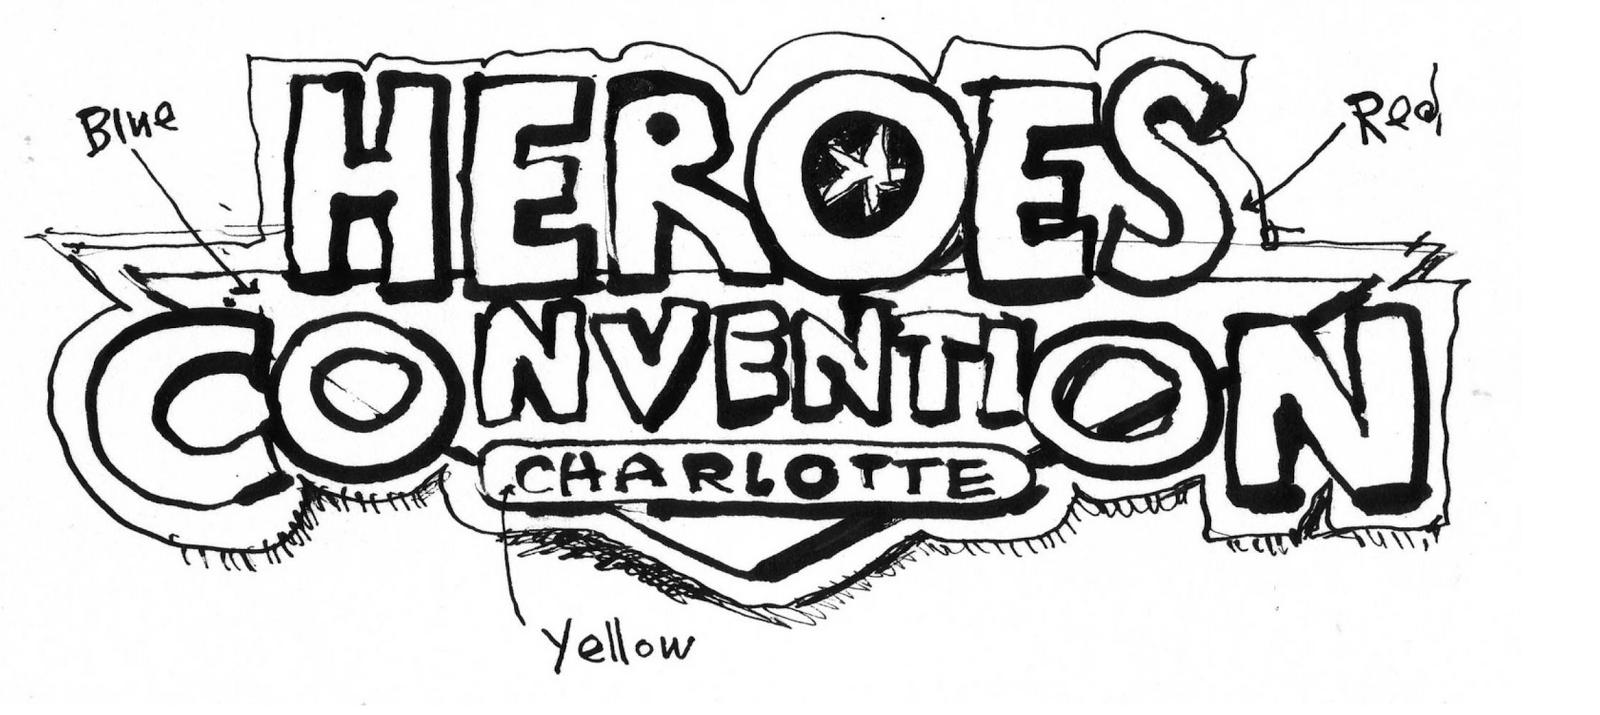 cul de sac: HEROESCON 2014